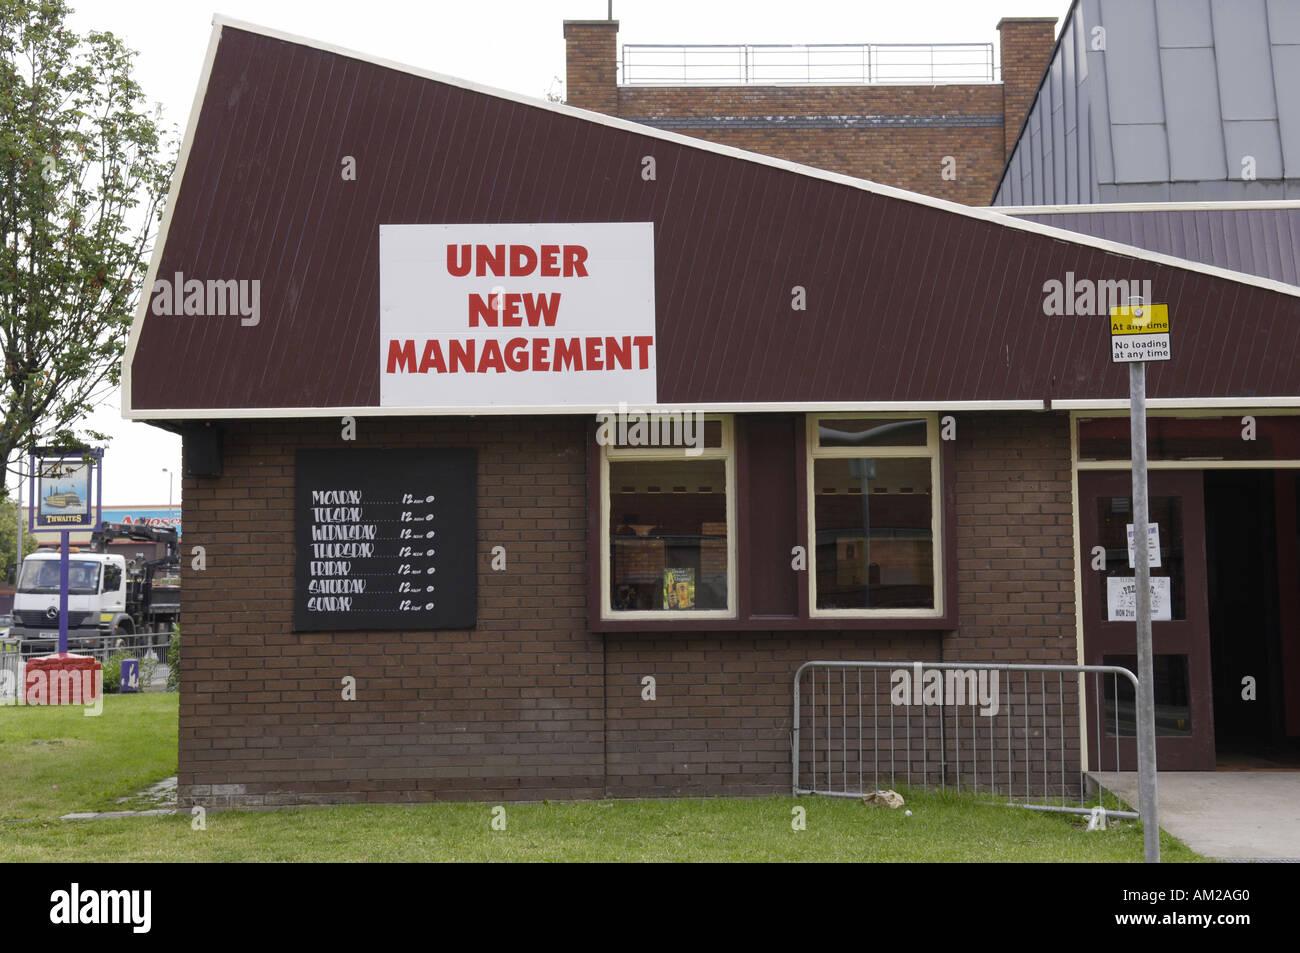 unter neue Management lizenziert Räumlichkeiten Public Pub Hausbar ...